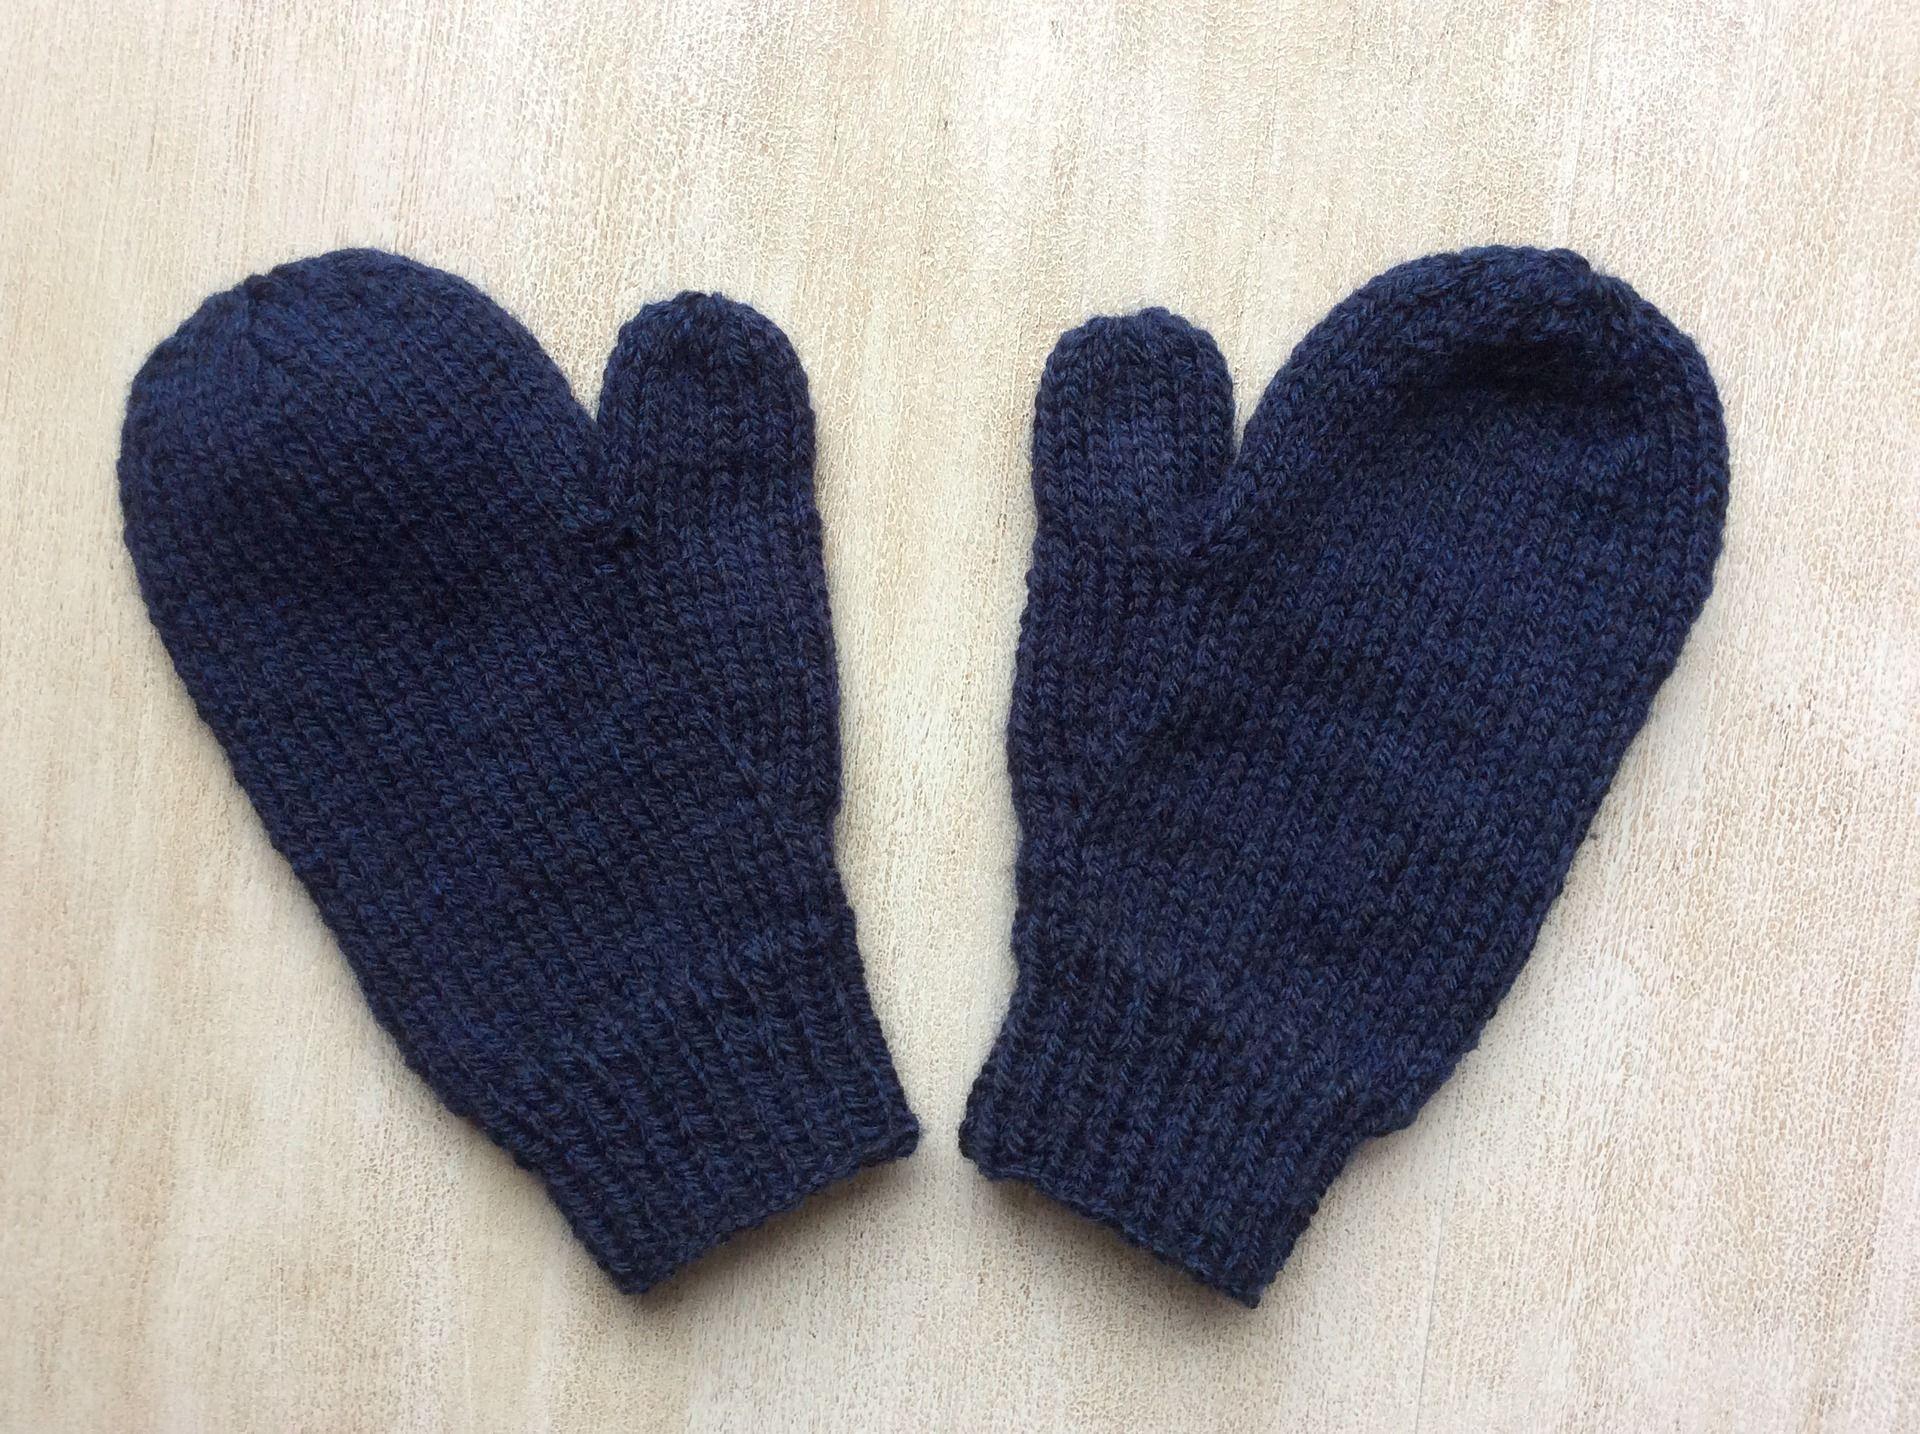 moufles gants avec pouce bleu marine pour enfant 3 4 ans pattes d 39 ours pour messon tricot. Black Bedroom Furniture Sets. Home Design Ideas